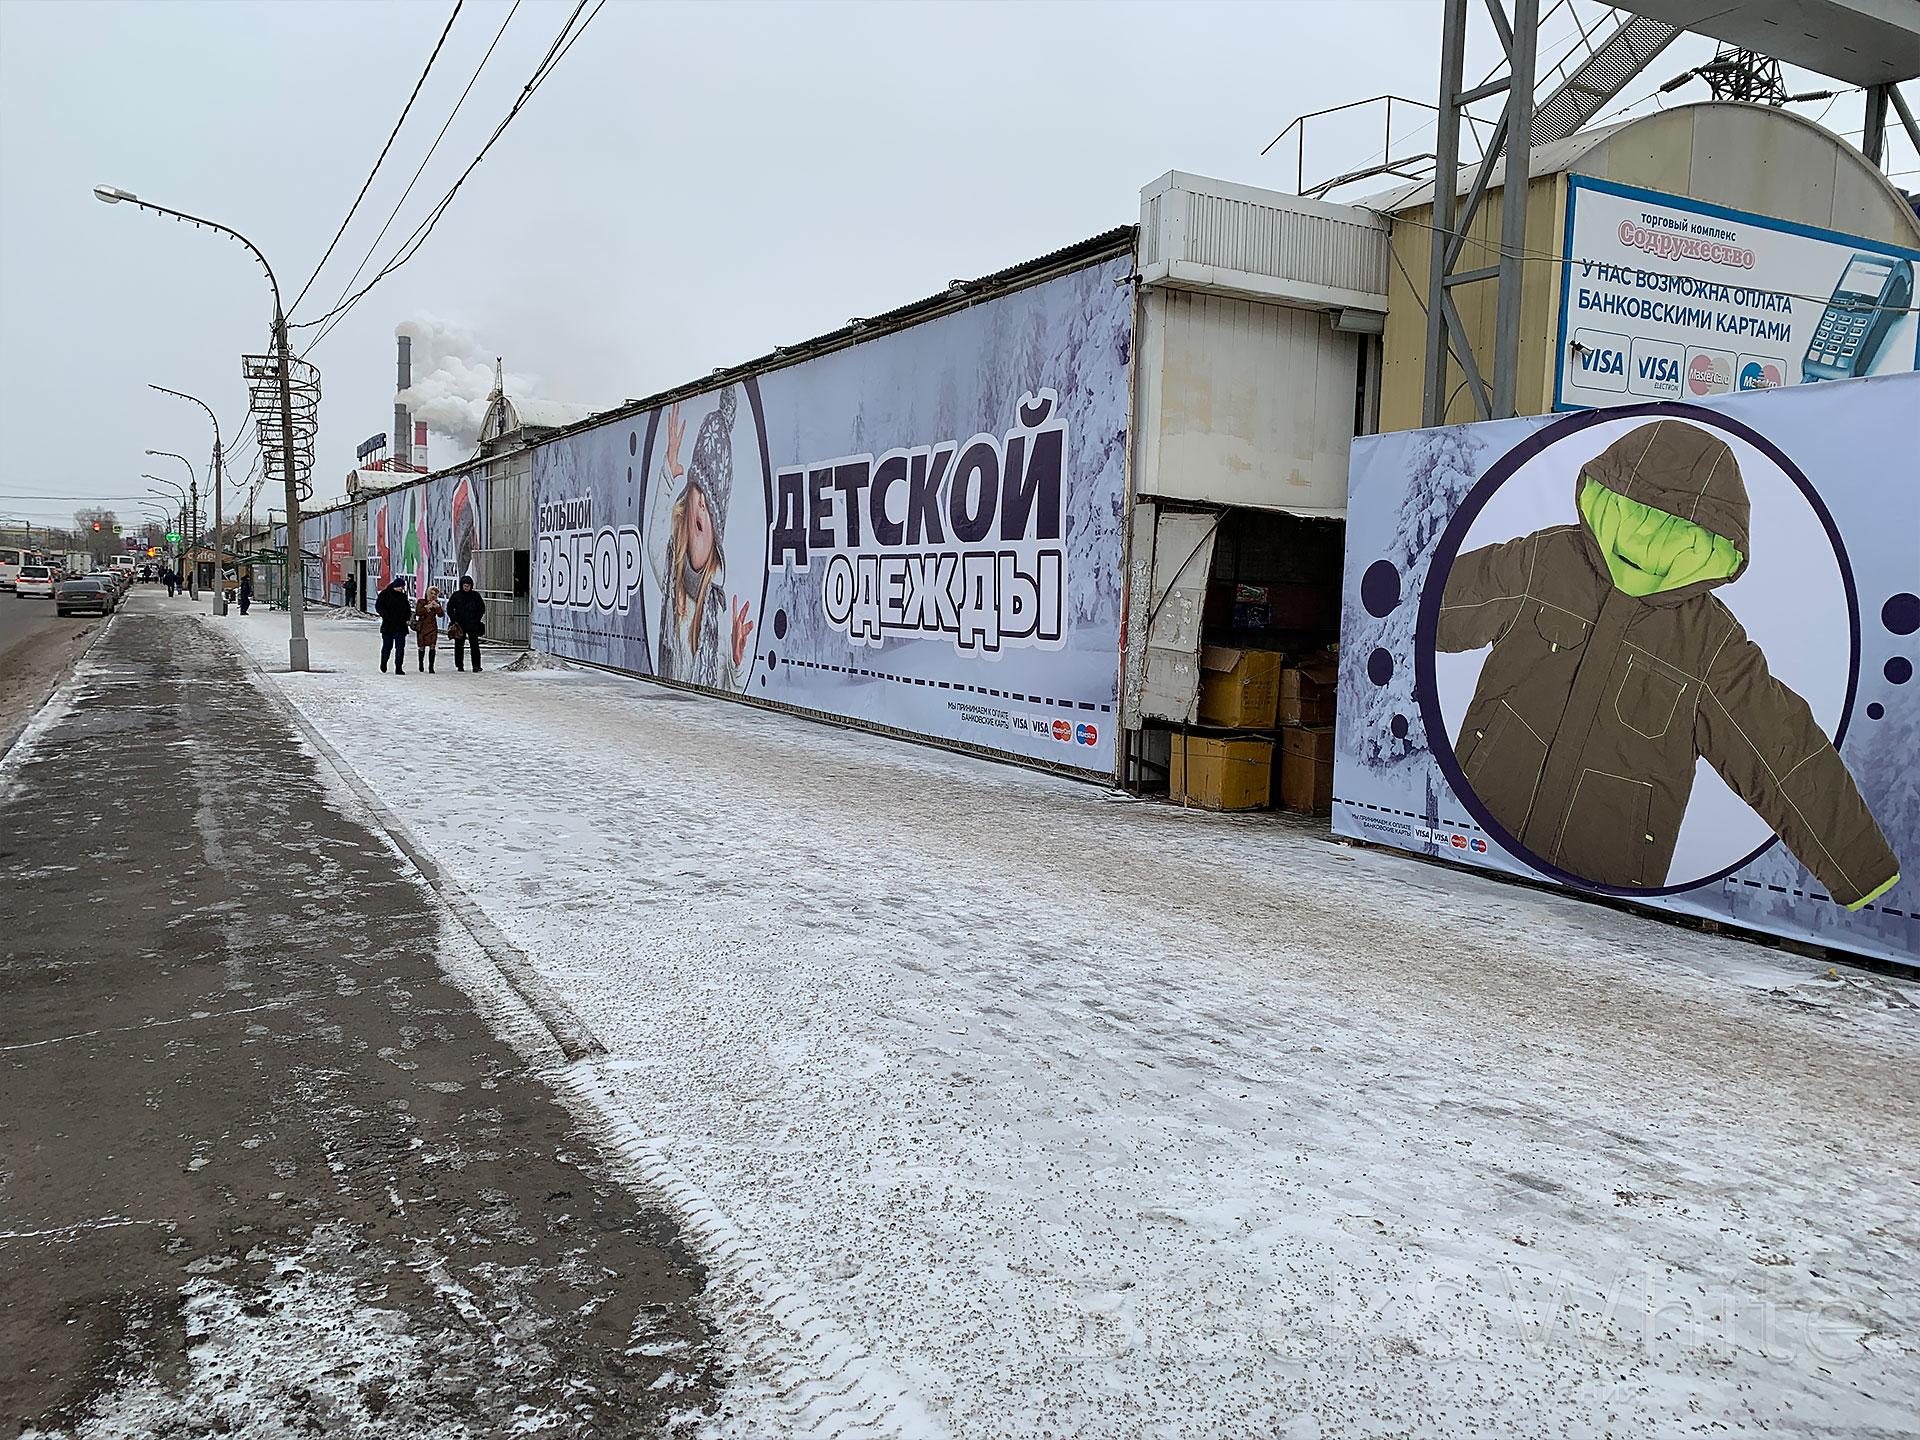 Баннерные-растяжки-Красноярск.jpg